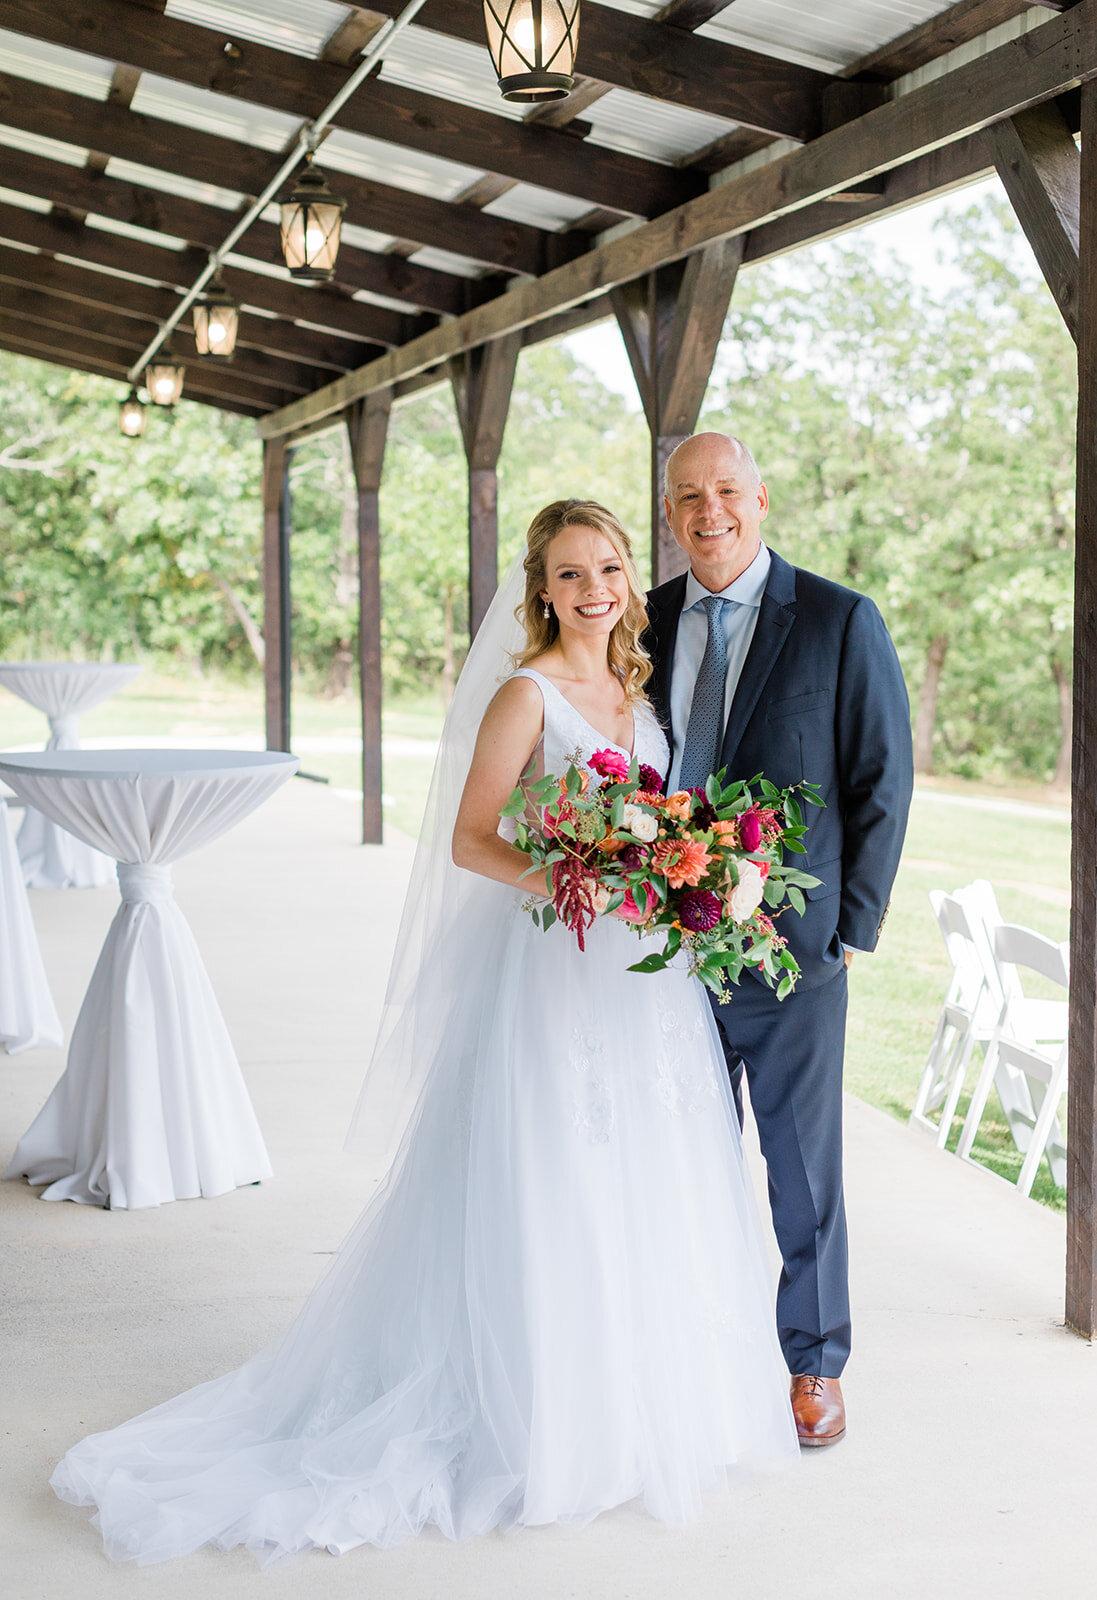 Tulsa Oklahoma Wedding Venues 15.jpg